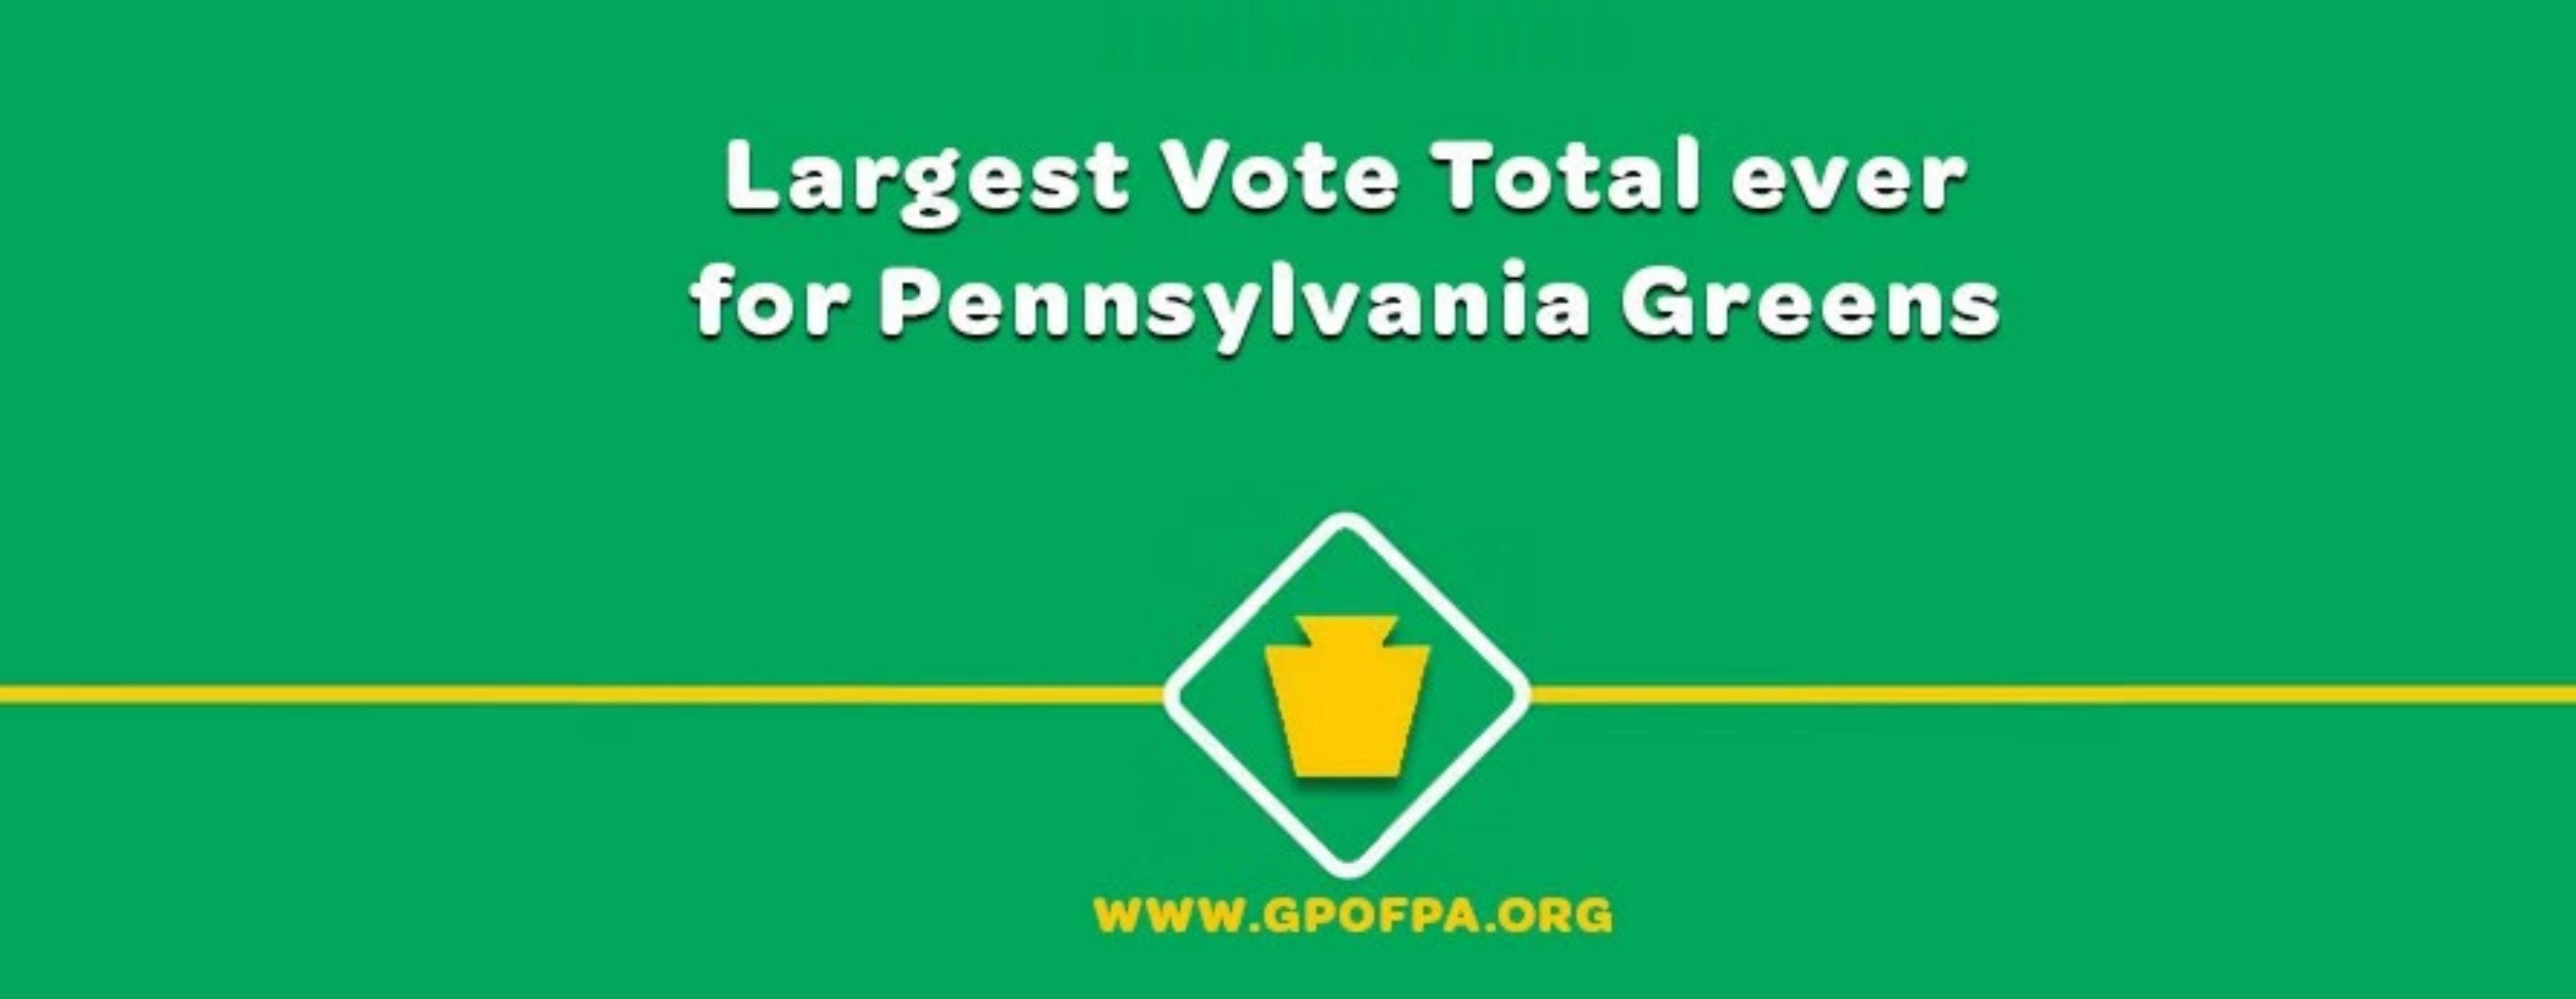 PA_Largest_Vote_2016.JPG